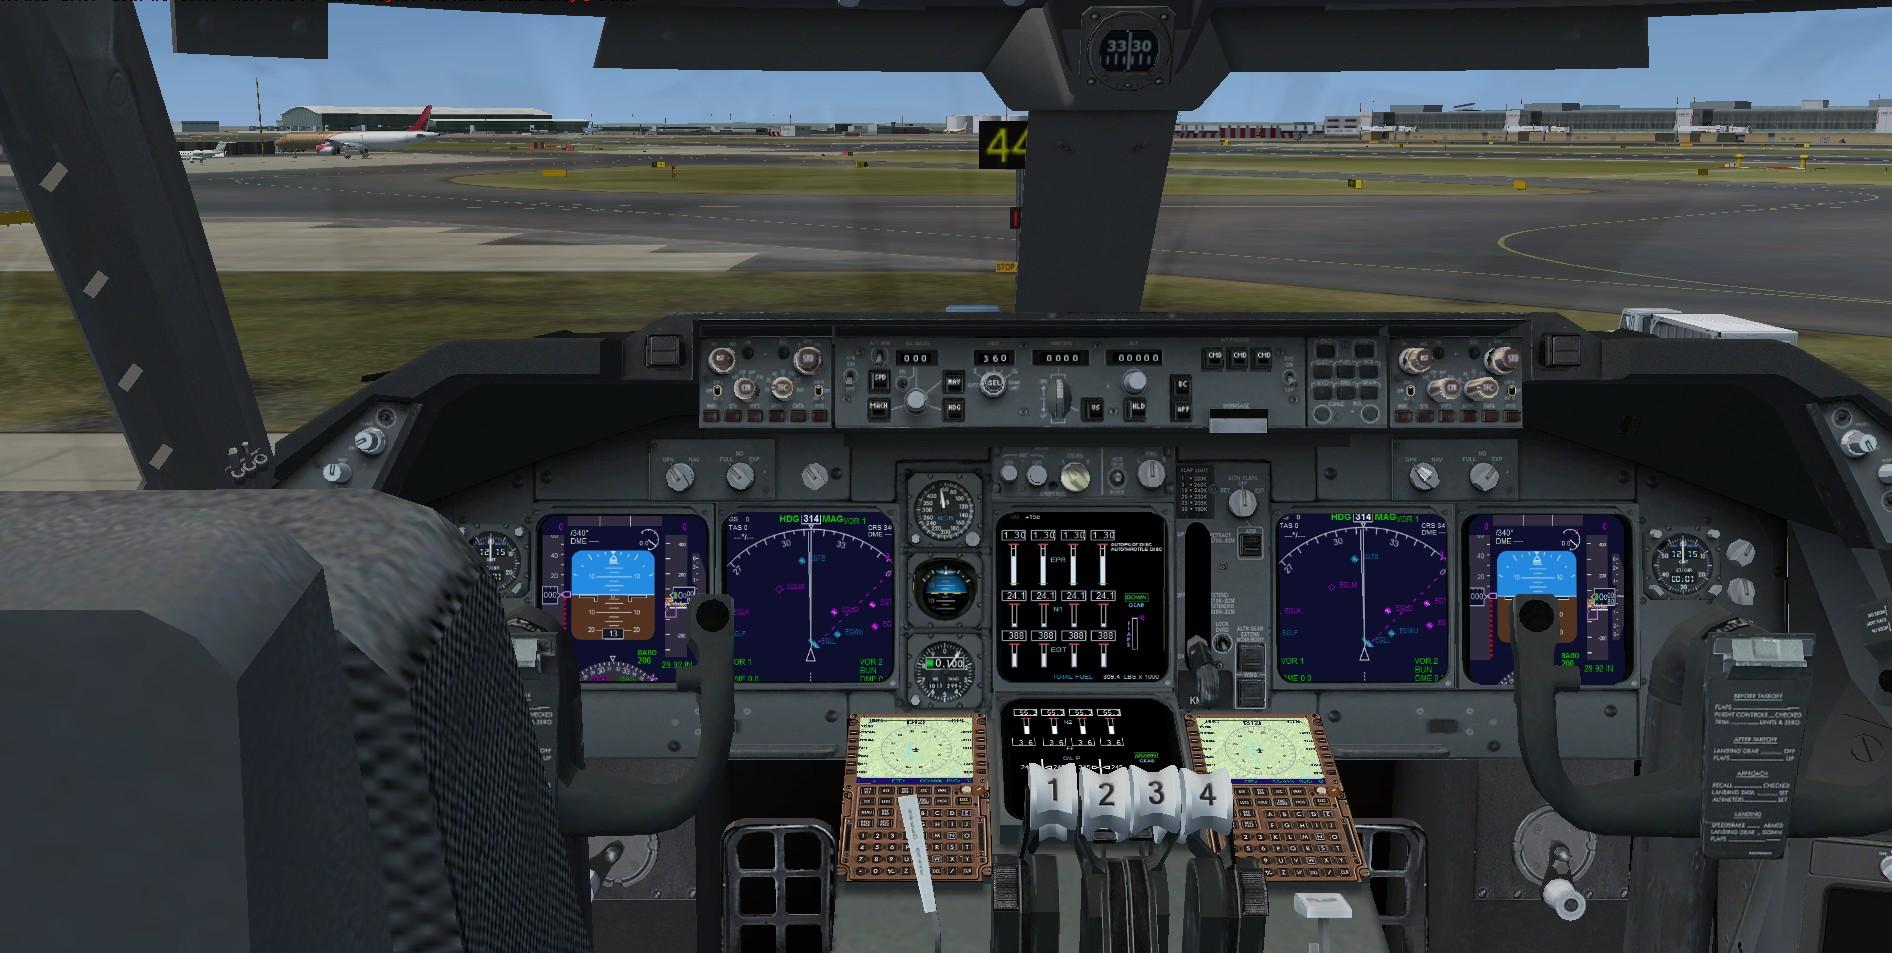 fs-freeware net - FSX Boeing 747-400 Transaero